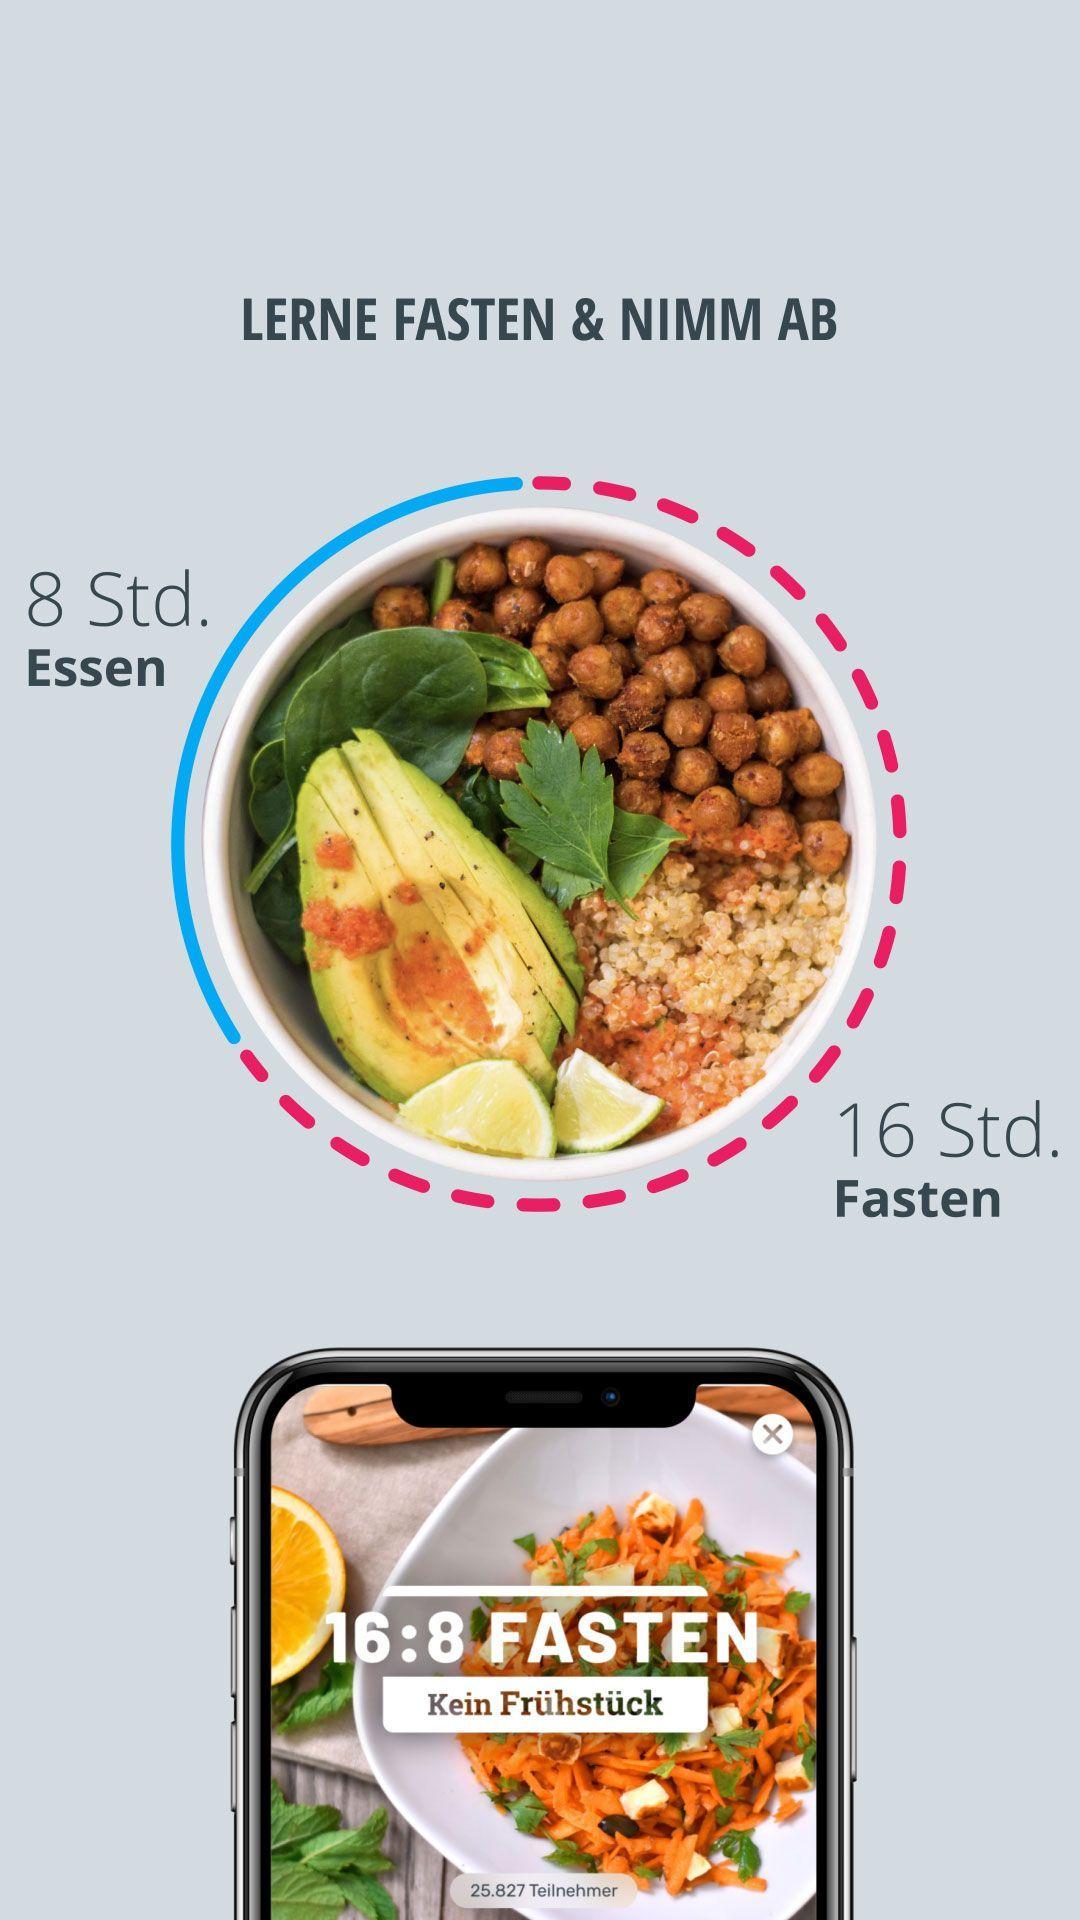 Stunden fasten 16 stunden 8 essen